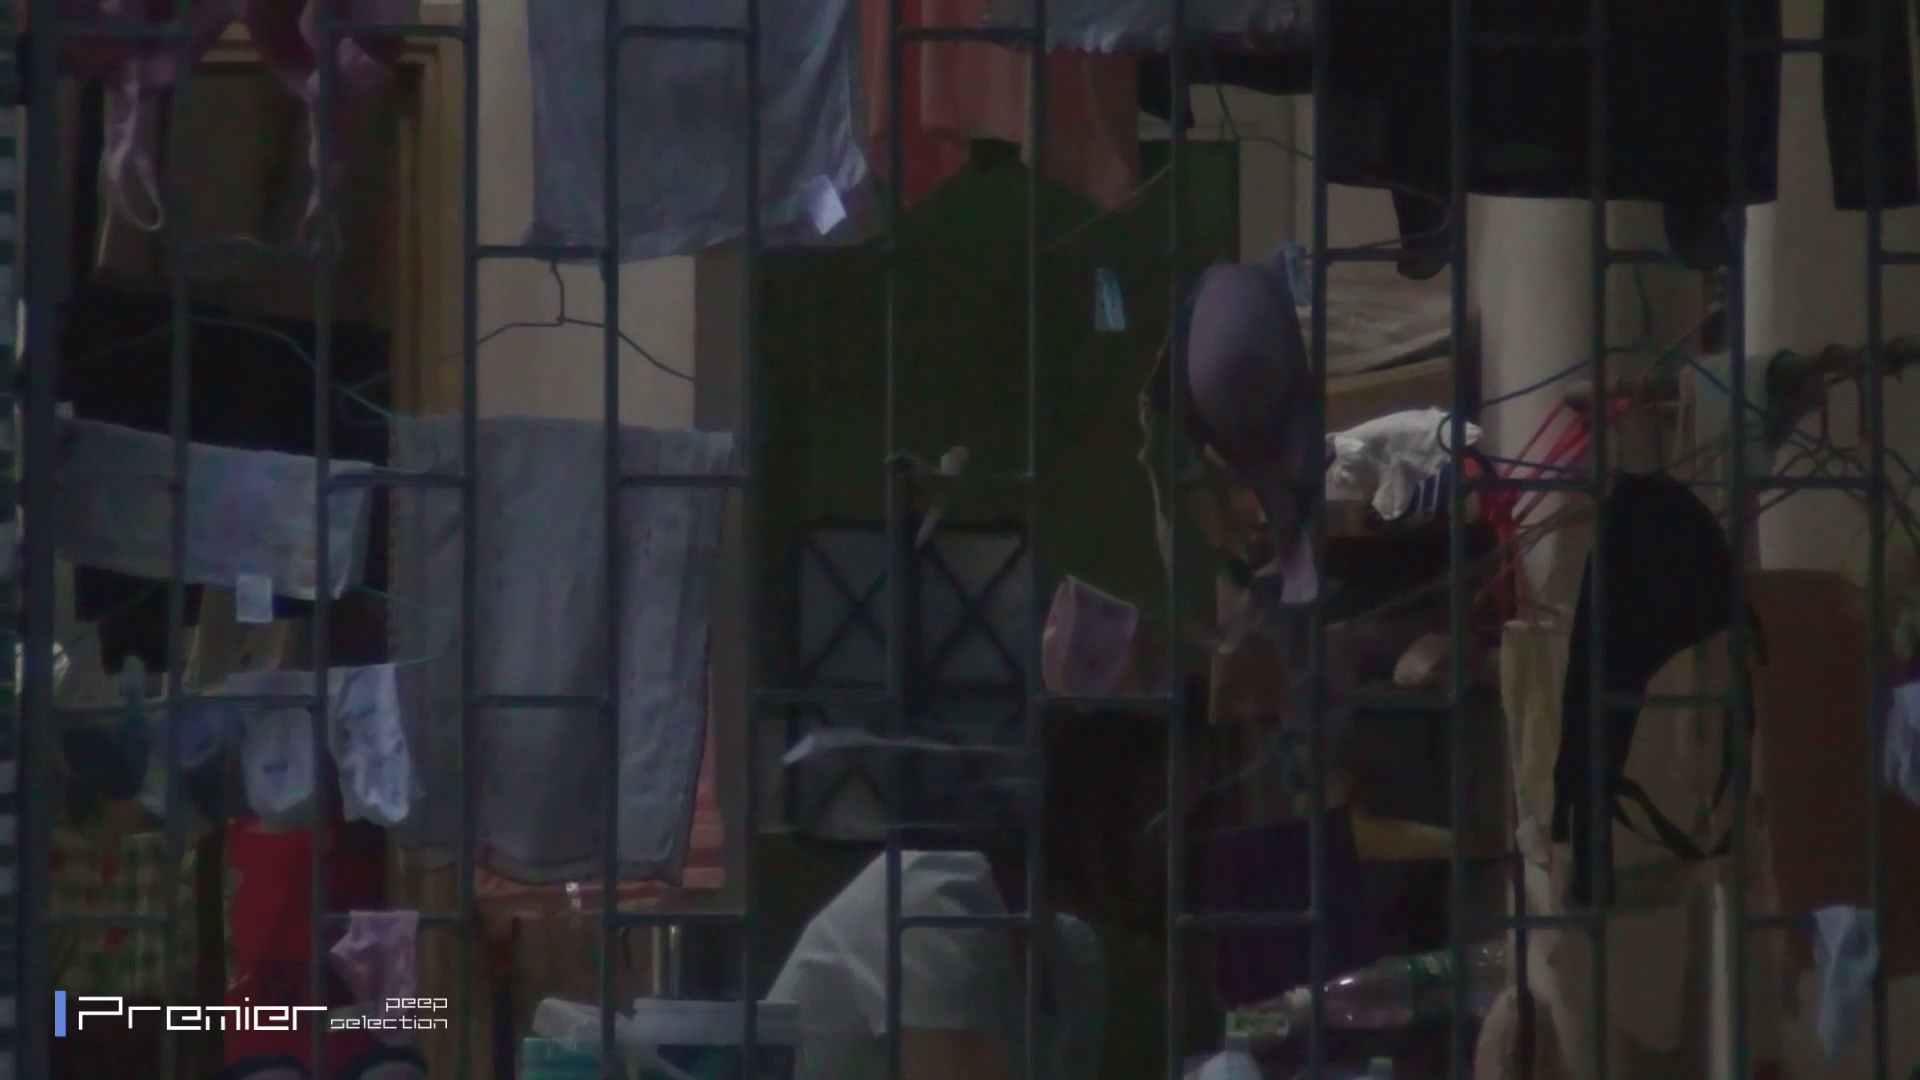 激撮り美女の洗顔シーン Vol.05 美女の痴態に密着! 潜入 われめAV動画紹介 90枚 88